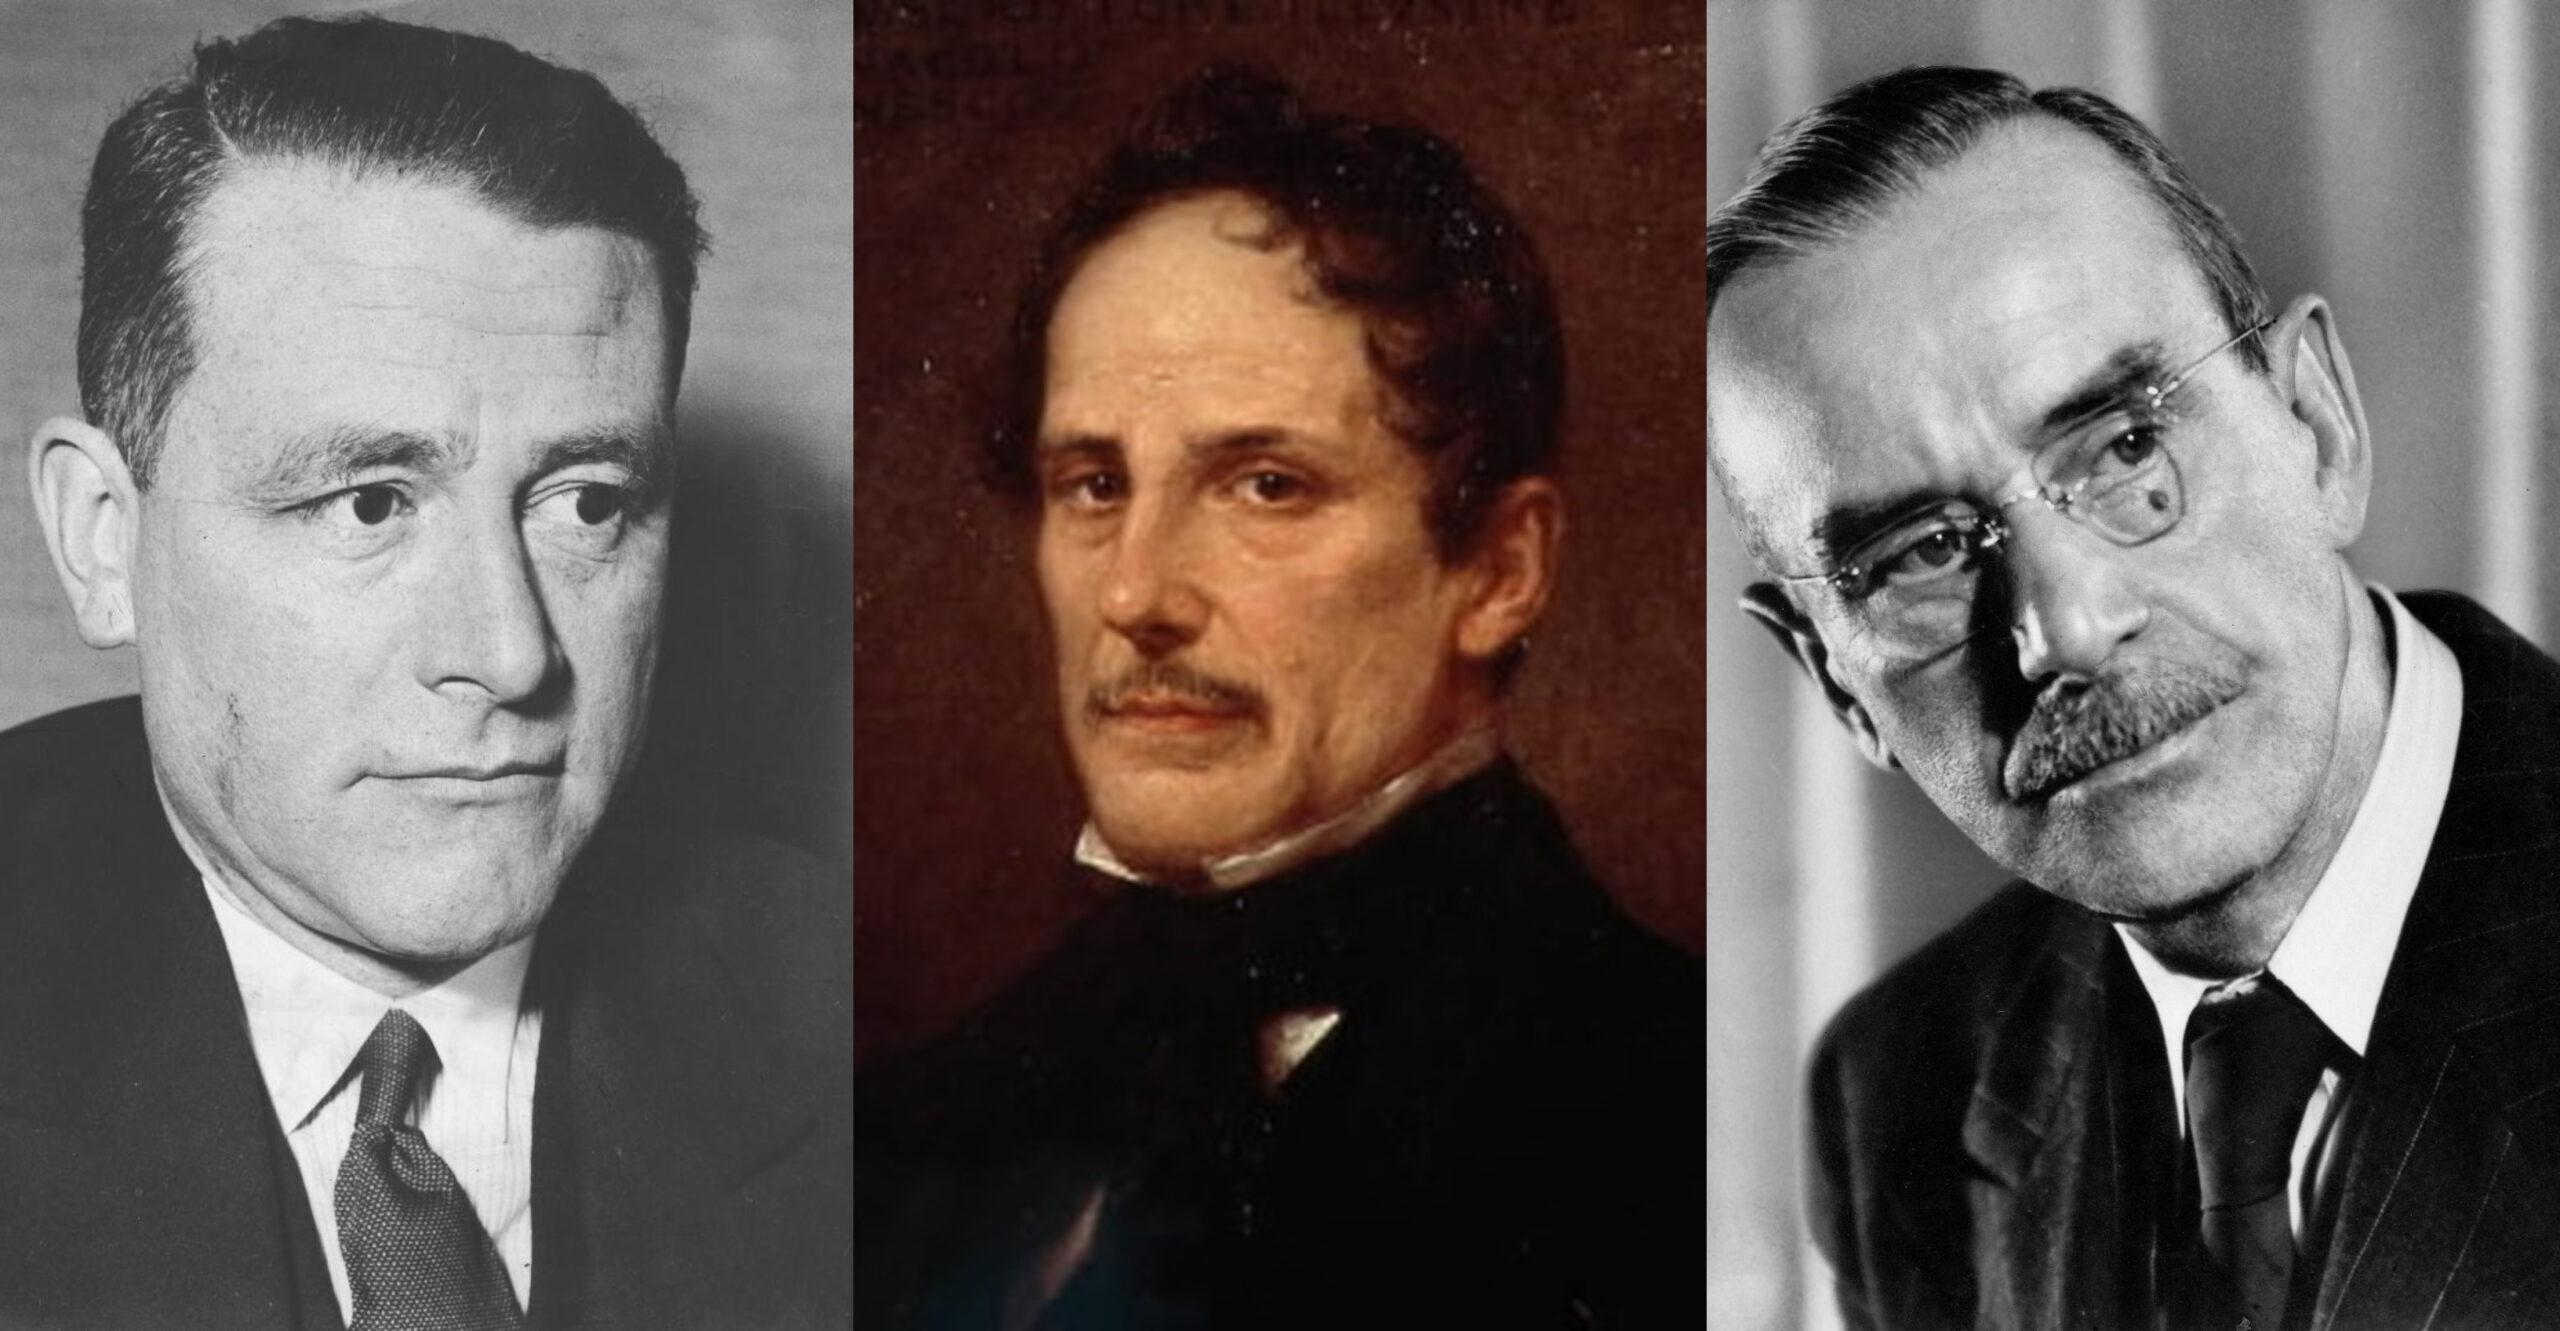 卡爾·施密特的世界史,喬阿基諾·貝利的羅馬喜劇,托馬斯·曼的膽汁酸路德